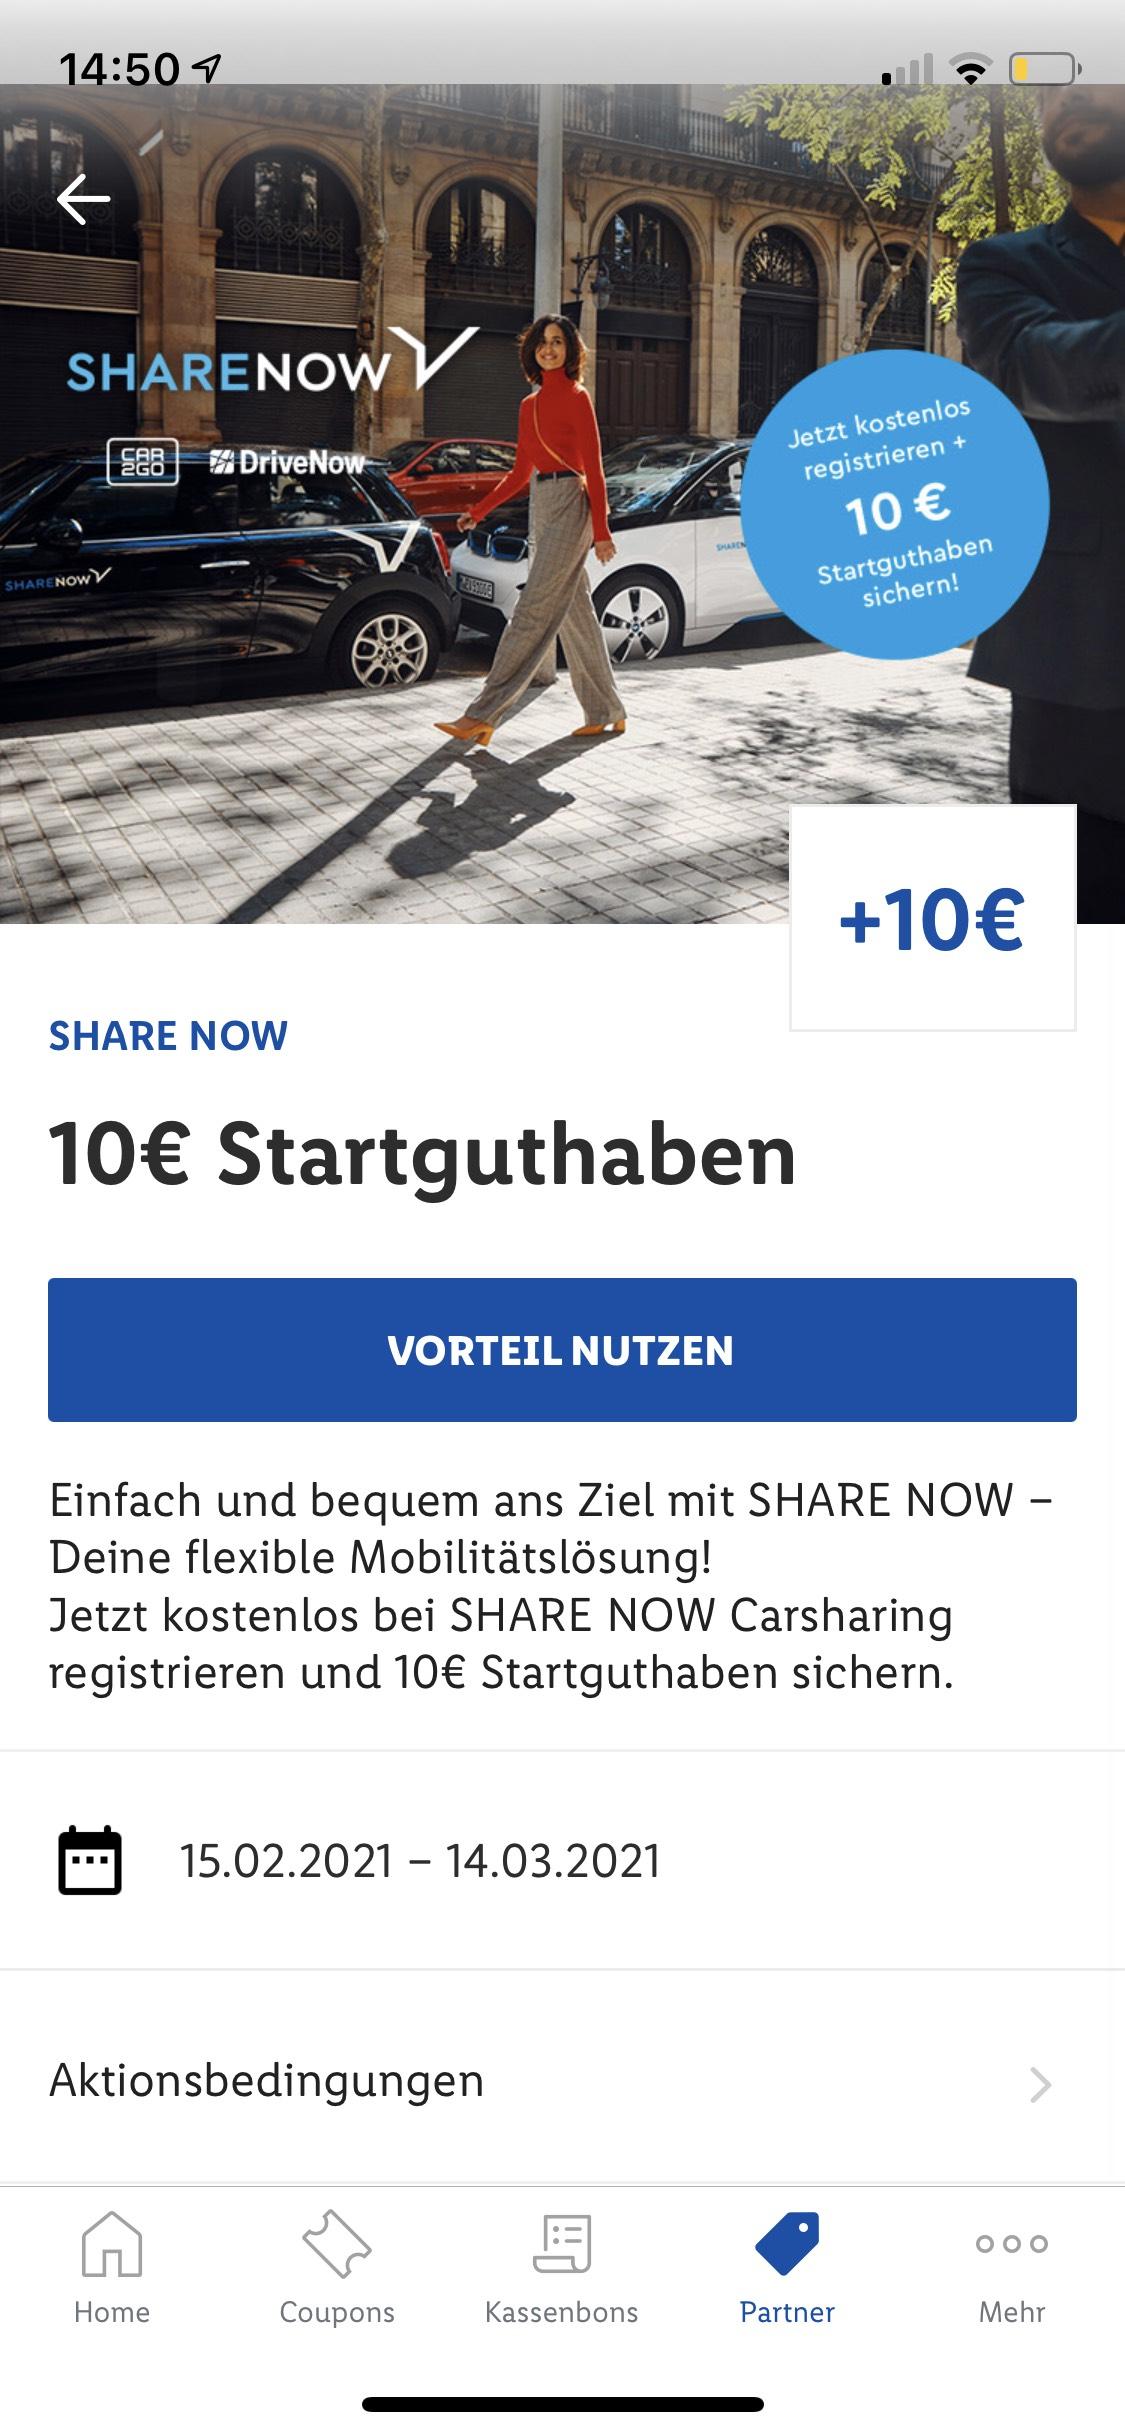 Share Now 10€ Startguthaben in der Lidl Plus App nur für Neukunden